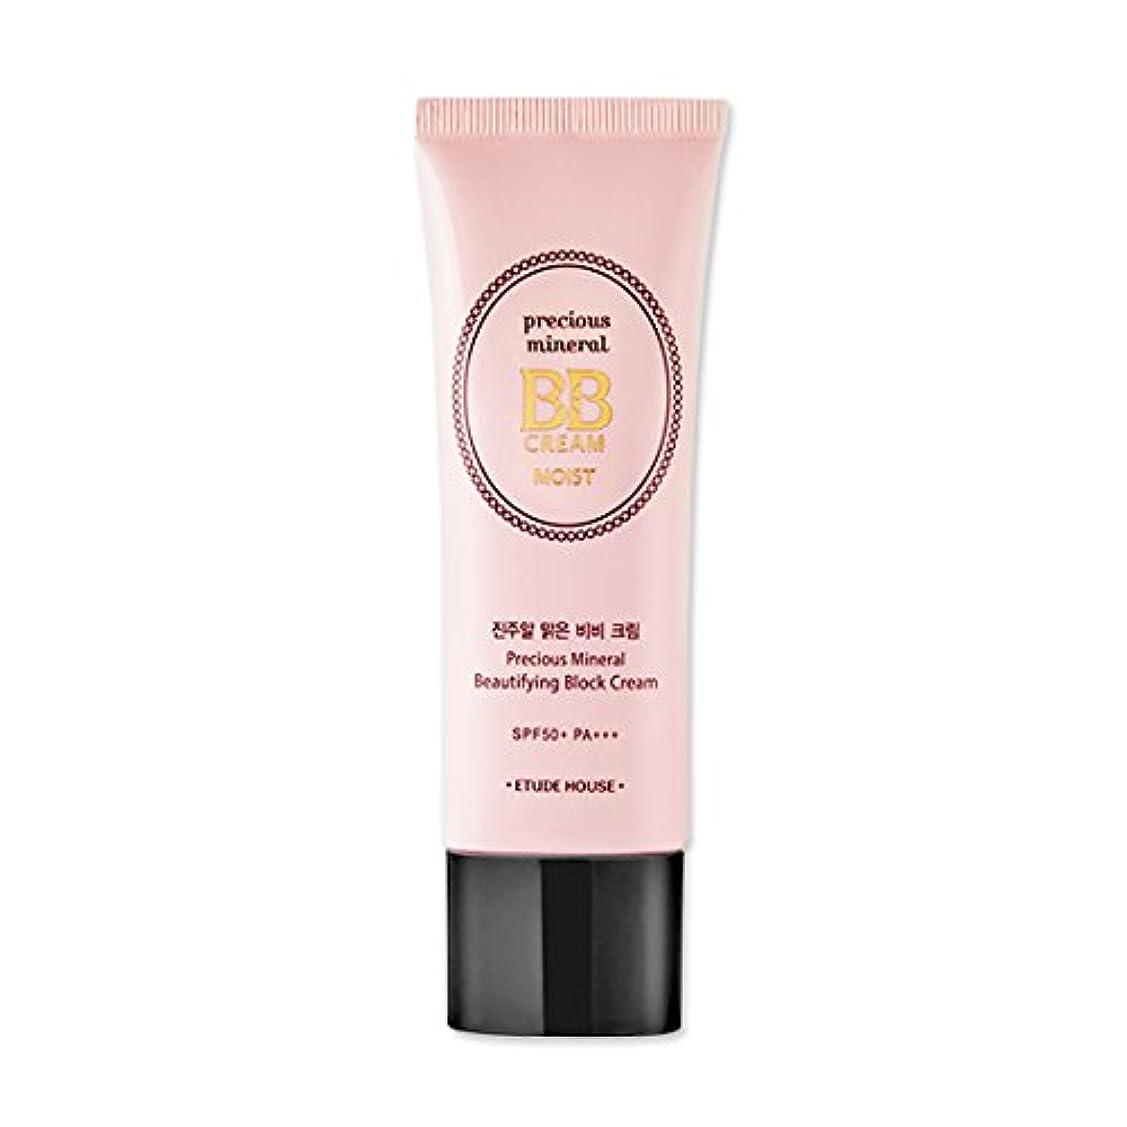 ドナー平和な枝[New] ETUDE HOUSE Precious Mineral BB Cream * Moist * 45g/エチュードハウス プレシャス ミネラル BBクリーム * モイスト * 45g (#Sand) [並行輸入品]